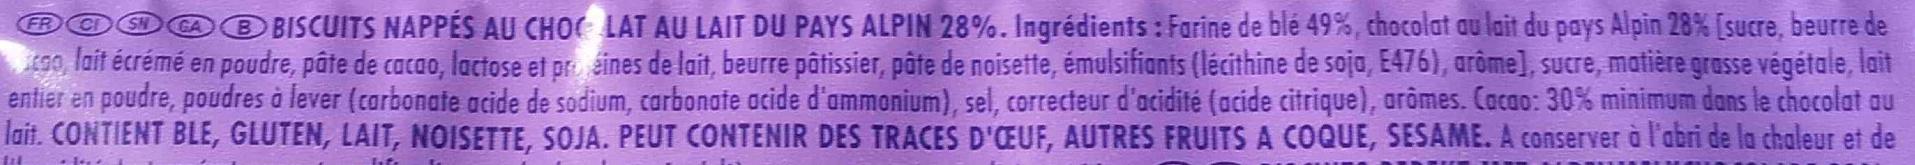 Choco Moo - Biscuits nappés au chocolat au lait du pays Alpin - Ingrédients - fr